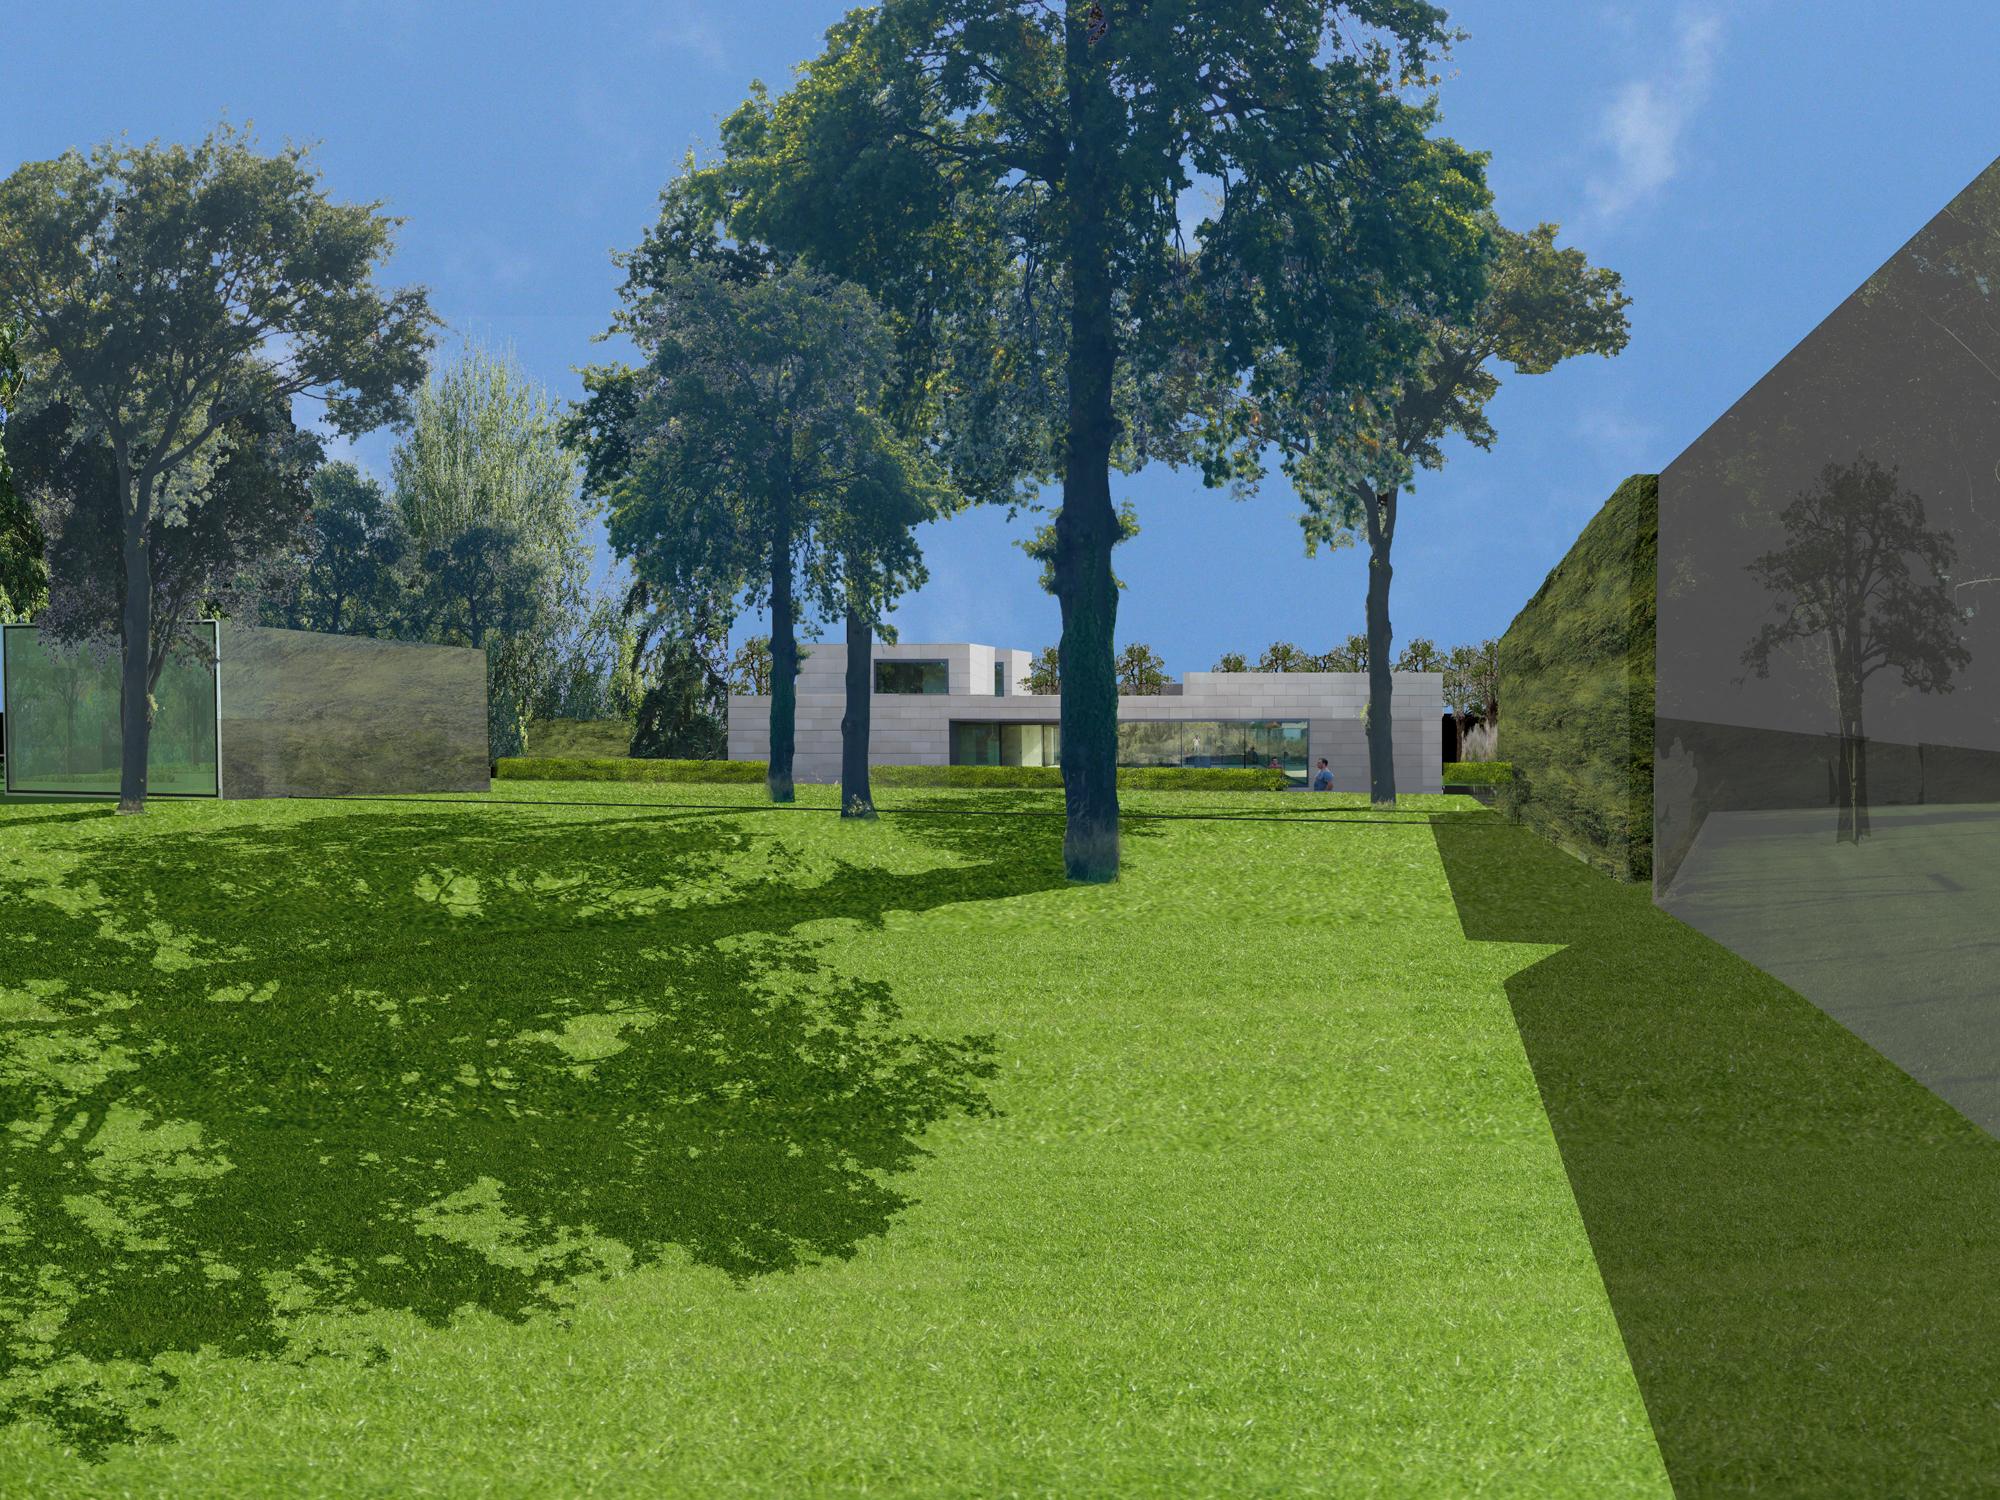 Kabinet pepijn verheyen tuinarchitectuur kabinet pepijn verheyen - Moderne landschapsarchitectuur ...